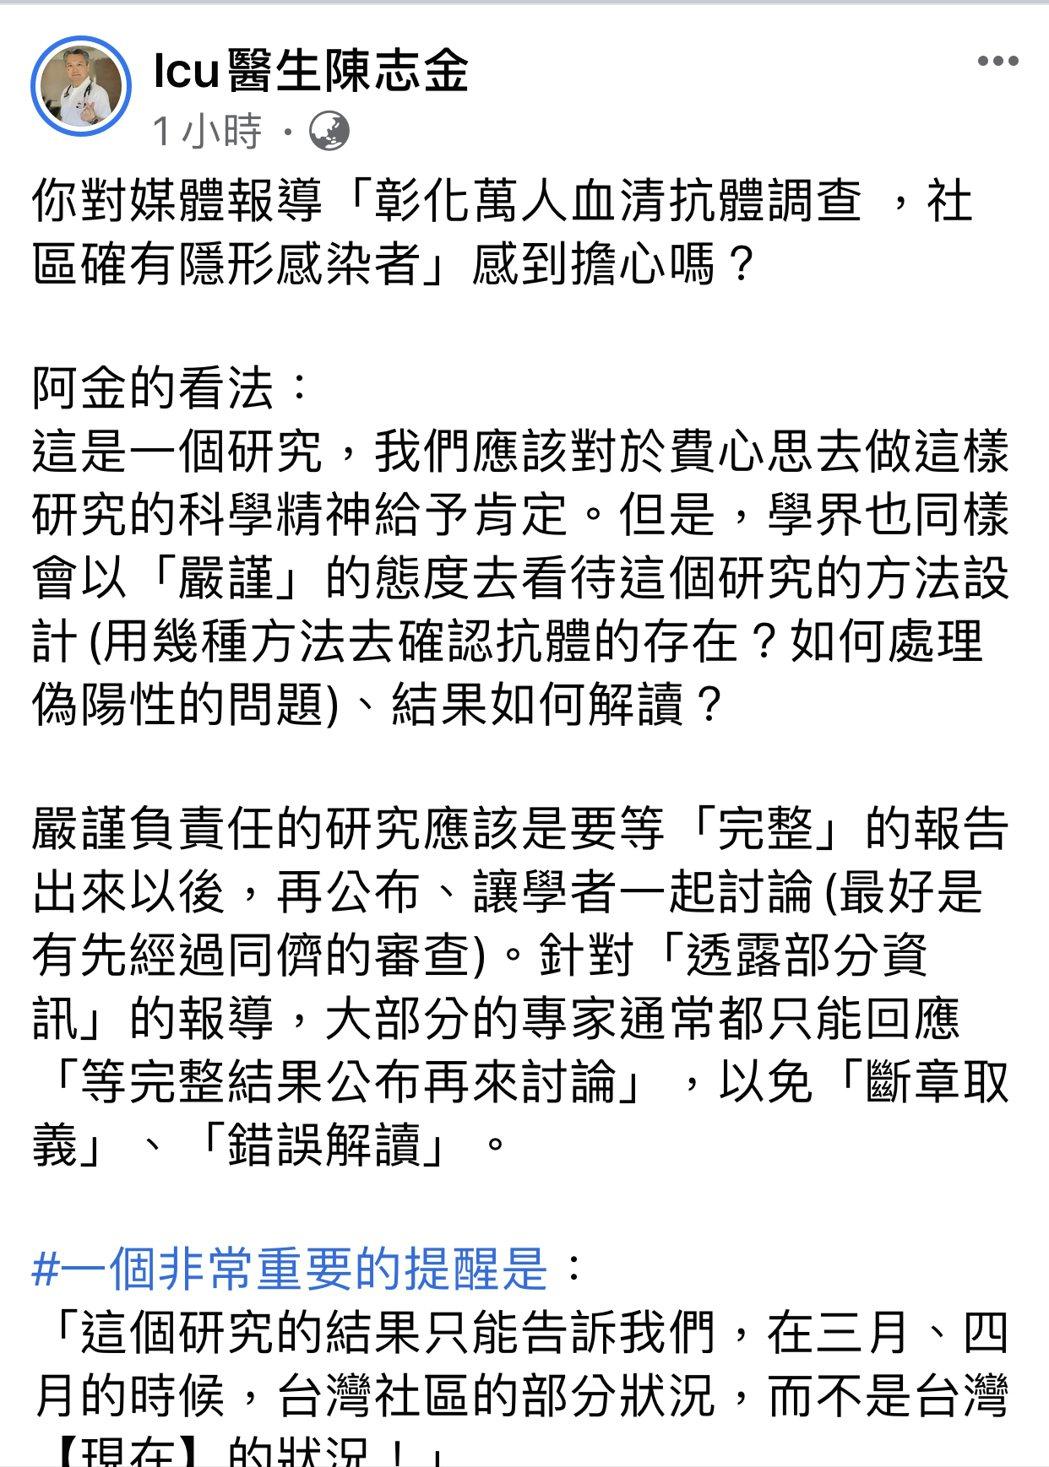 台南奇美醫院加護醫學部醫師陳志金在臉書發表對彰化血清檢驗的看法。圖/取自臉書